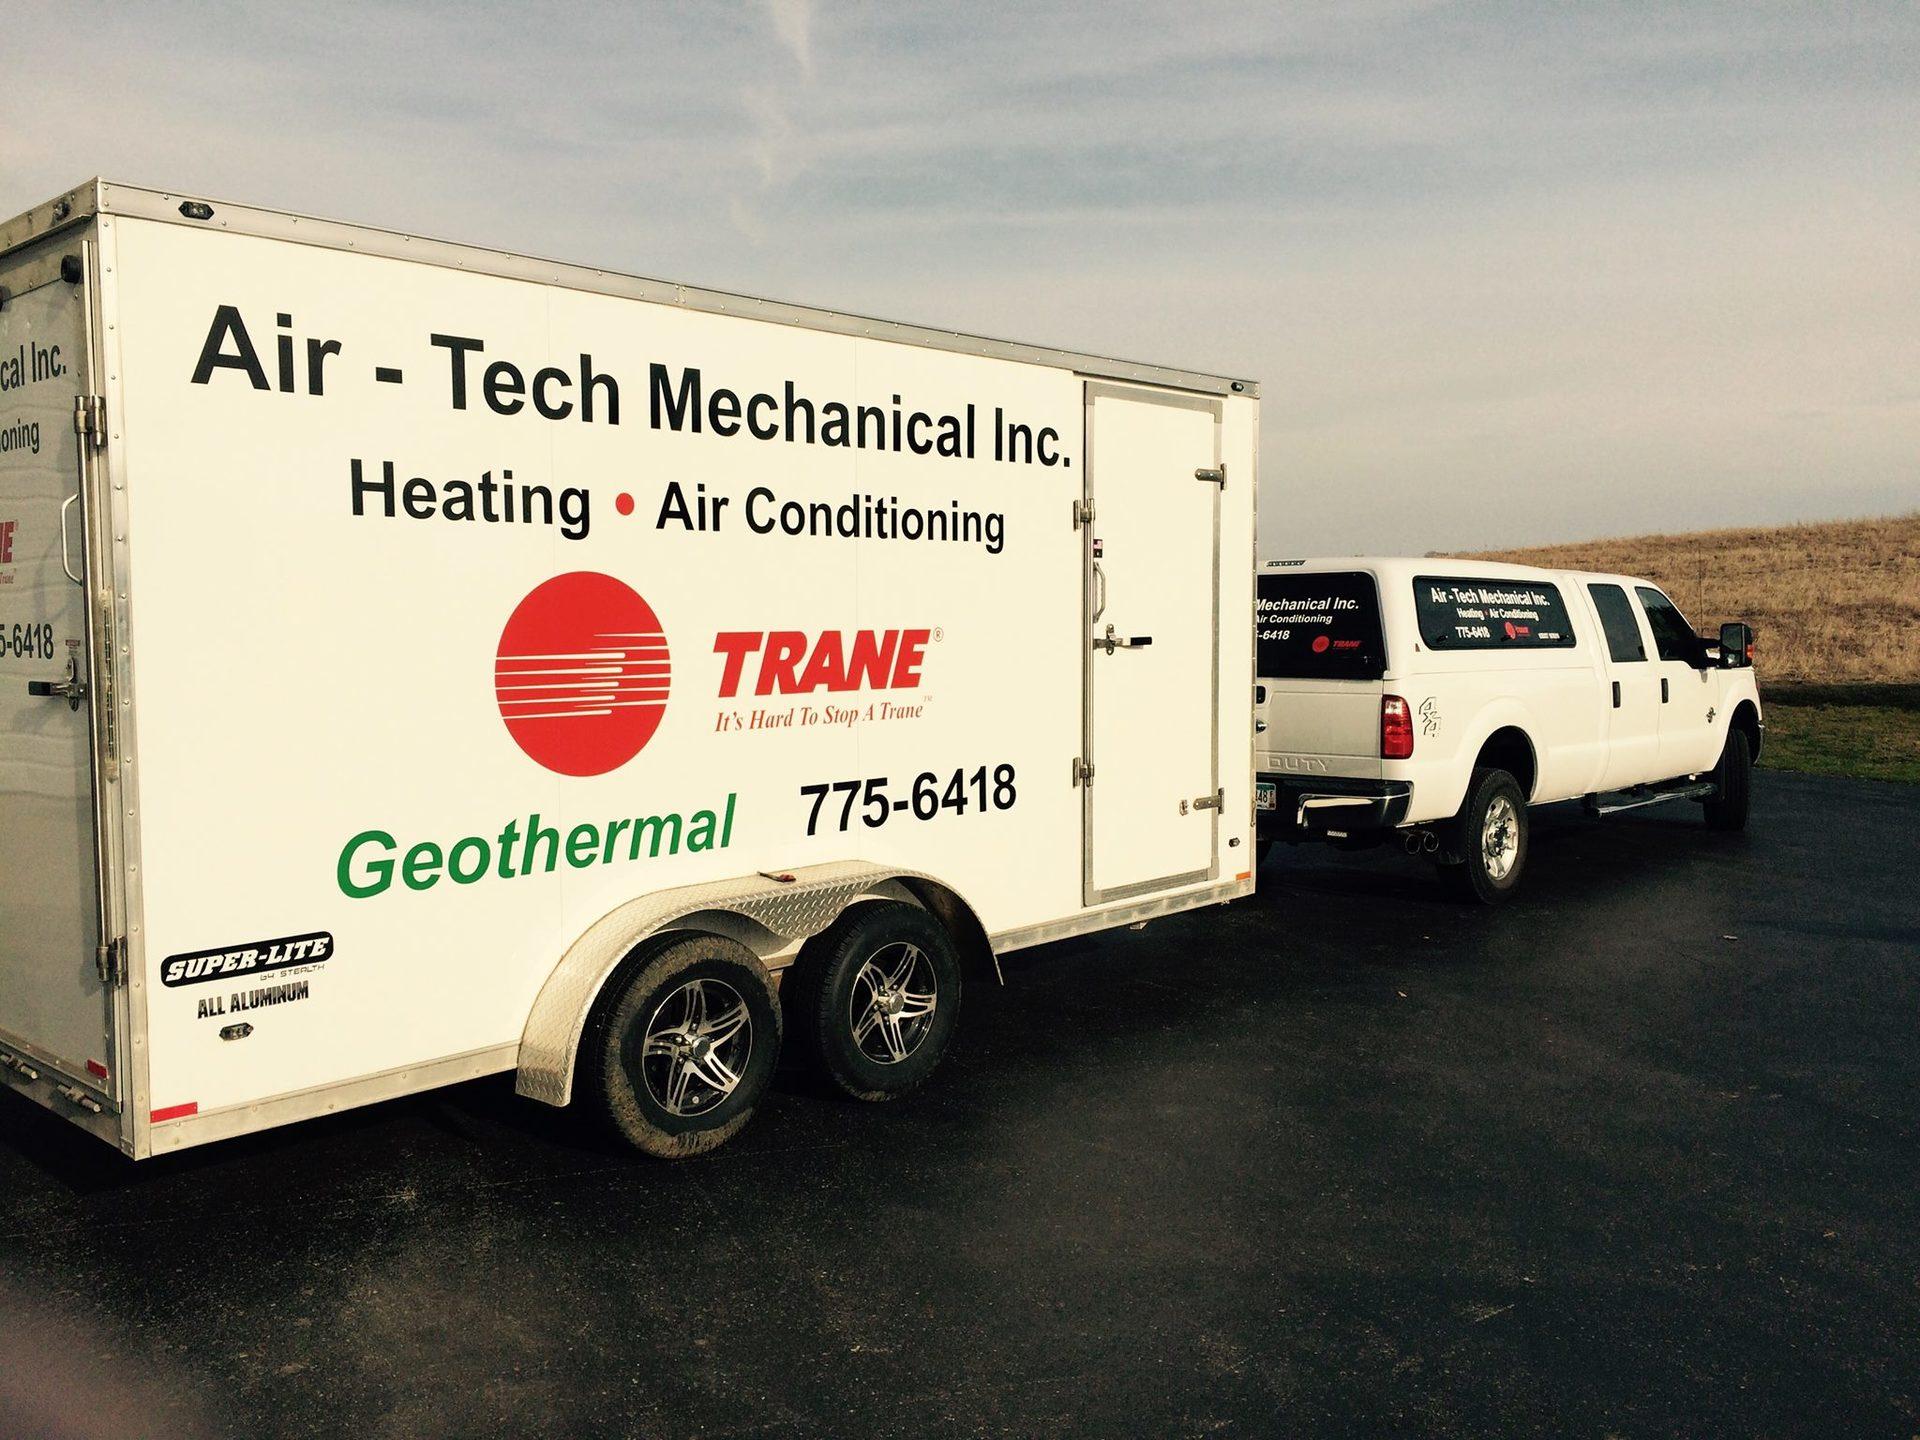 Air Tech Mechanical Truck